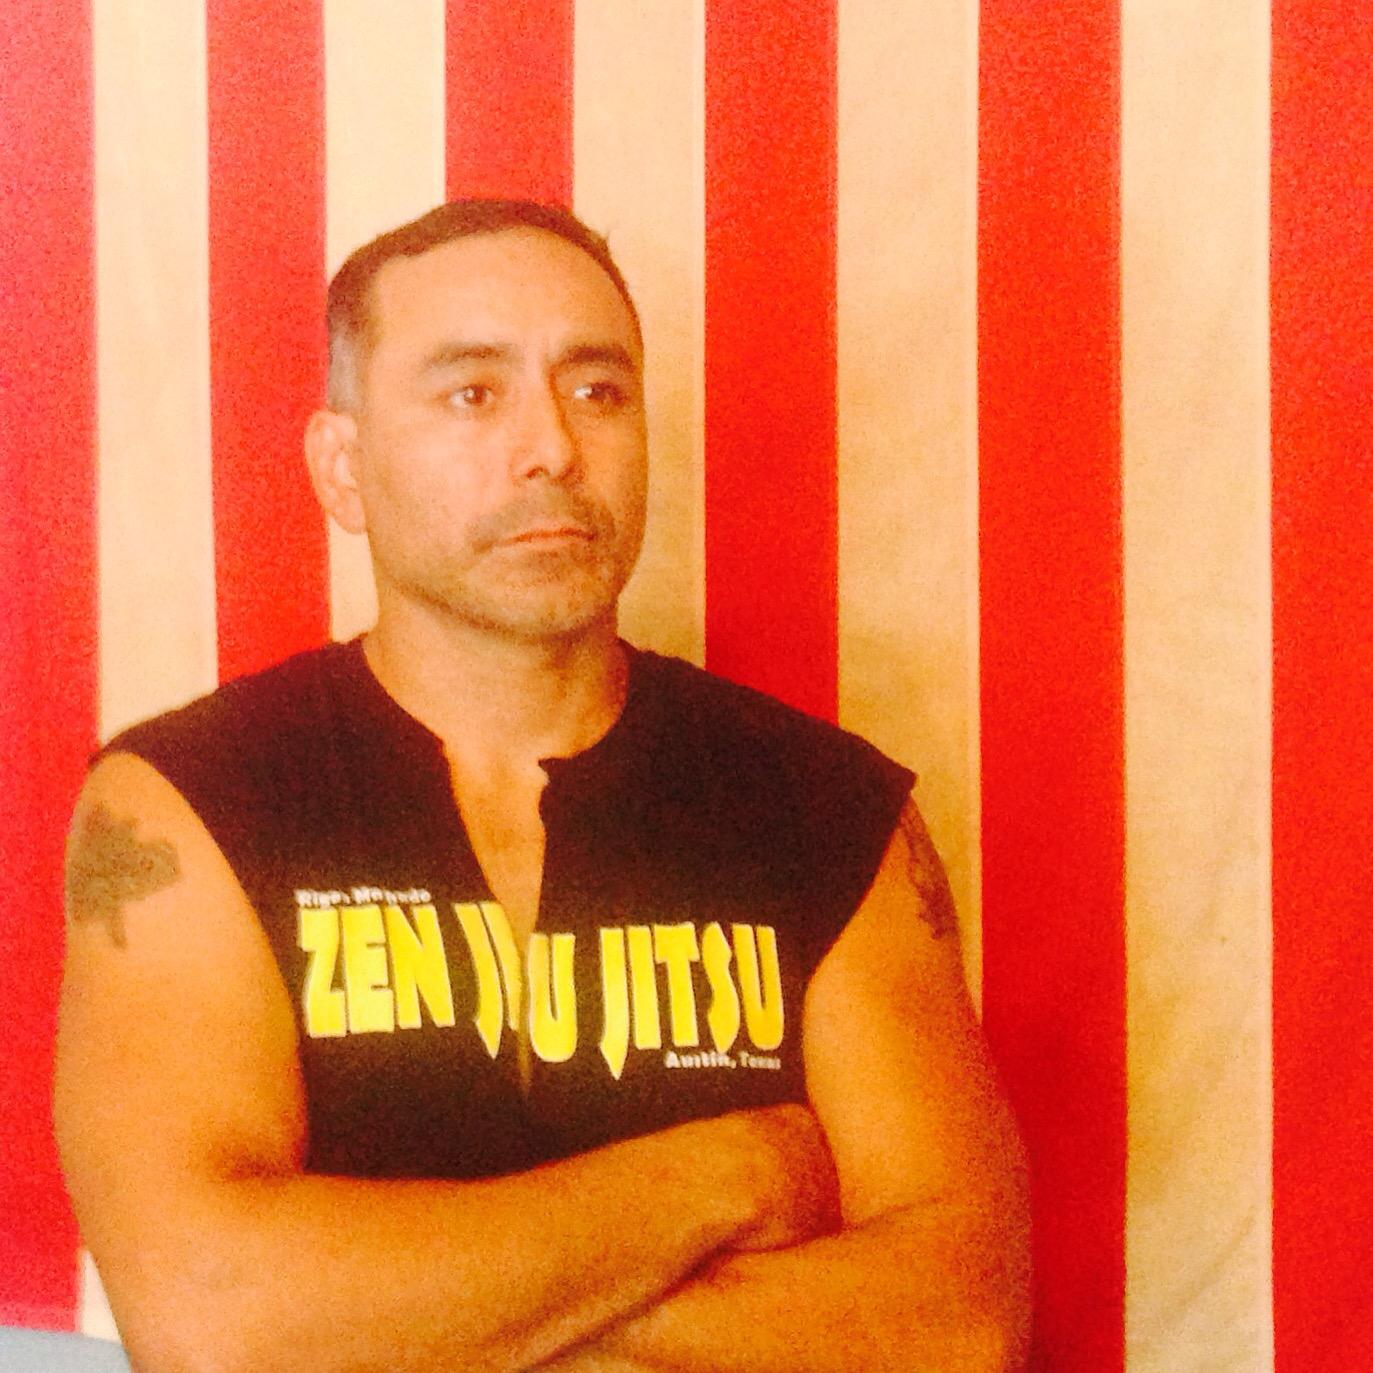 Zen Fit Dojo. East Austin. Summer, 2015.